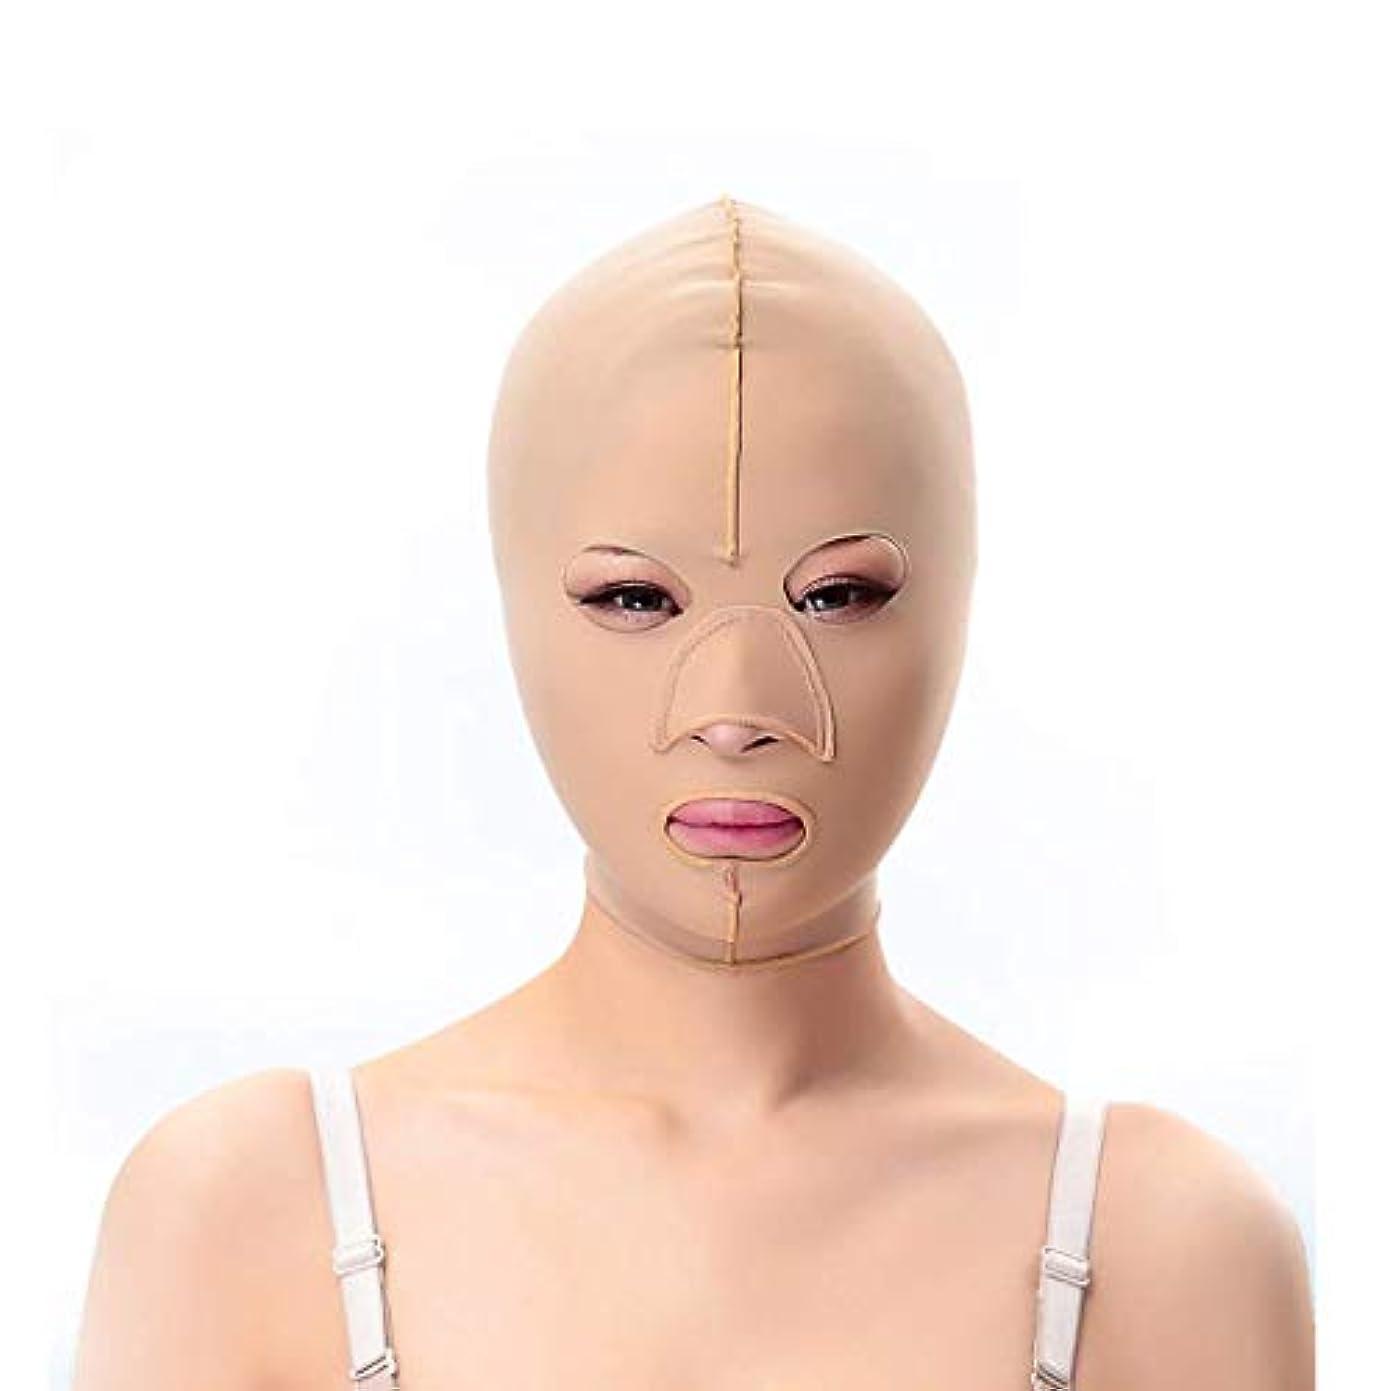 もっとクラウン特徴スリミングベルト、二重あごの引き締め顔のプラスチックフェイスアーティファクト強力なフェイス包帯を脇に持ち上げるパターンを欺くためのフェイシャルマスクシンフェイスマスク(サイズ:L),XXL